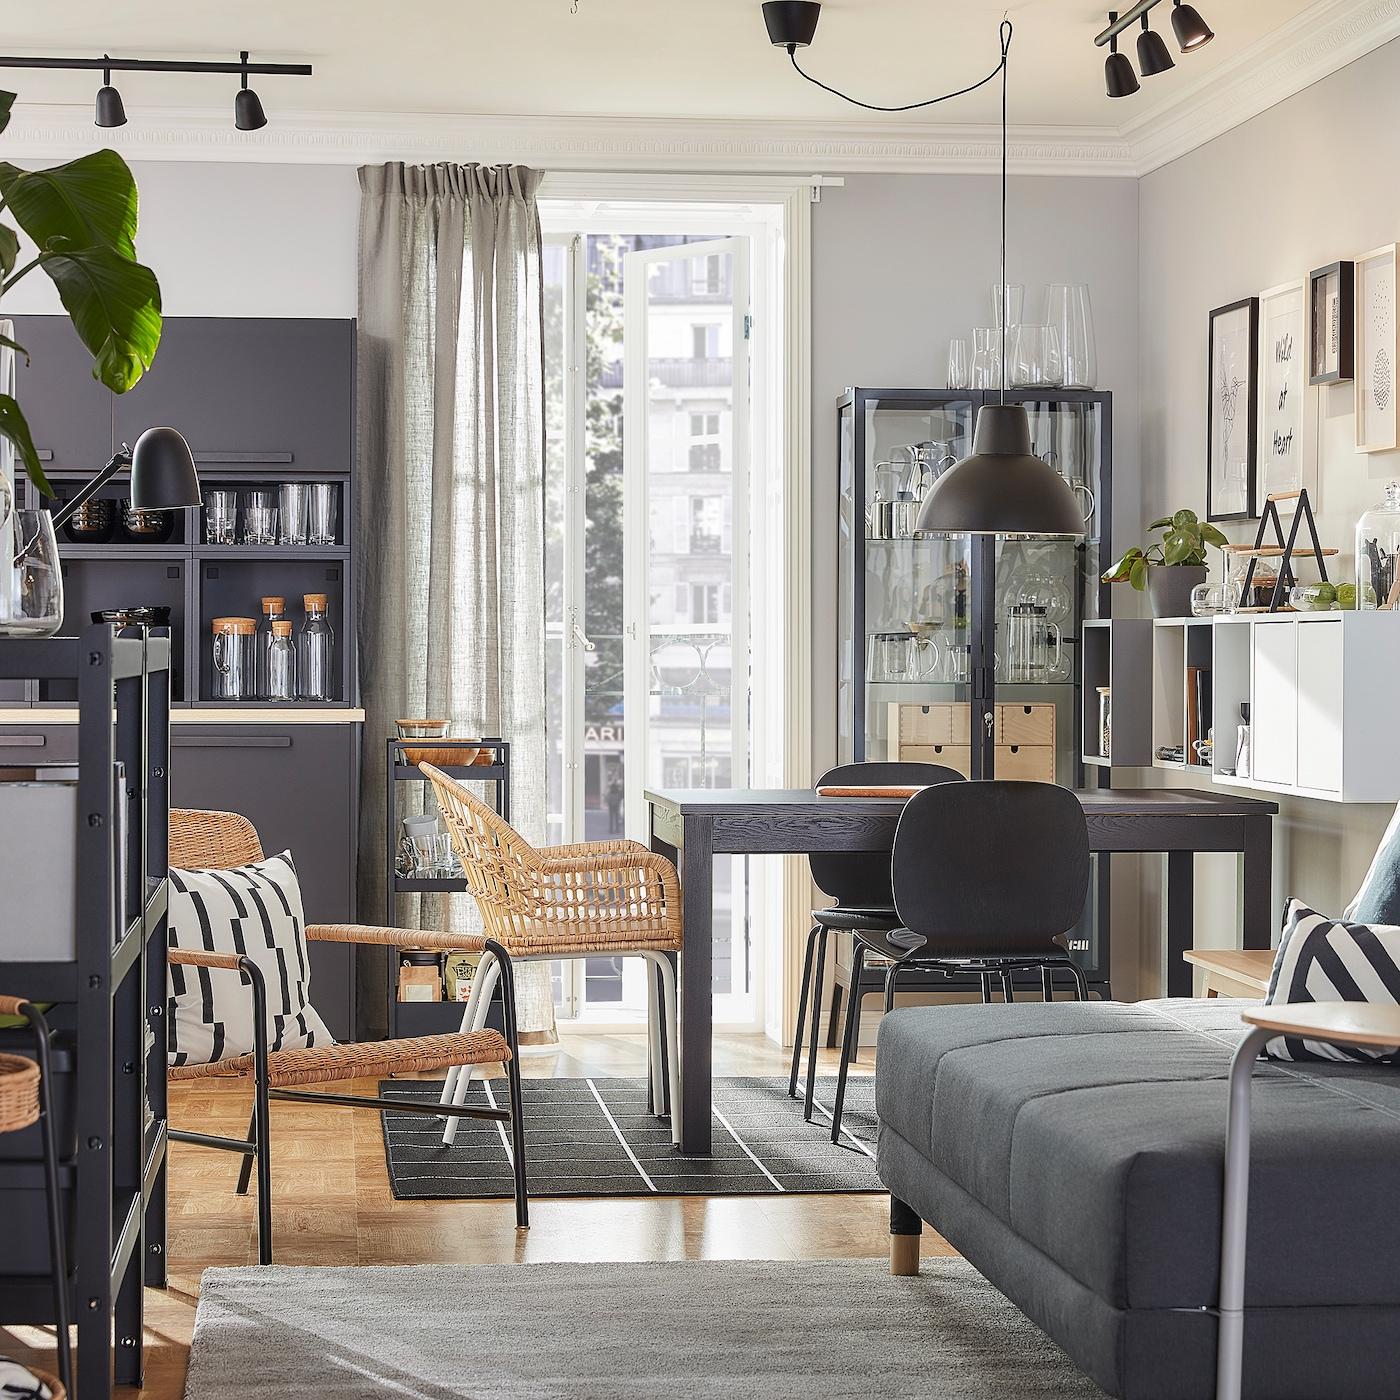 Gabungan ruang tamu dan ruang makan yang diselaraskan gayanya dengan perabot rotan dan warna coklat, kelabu dan antrasit.